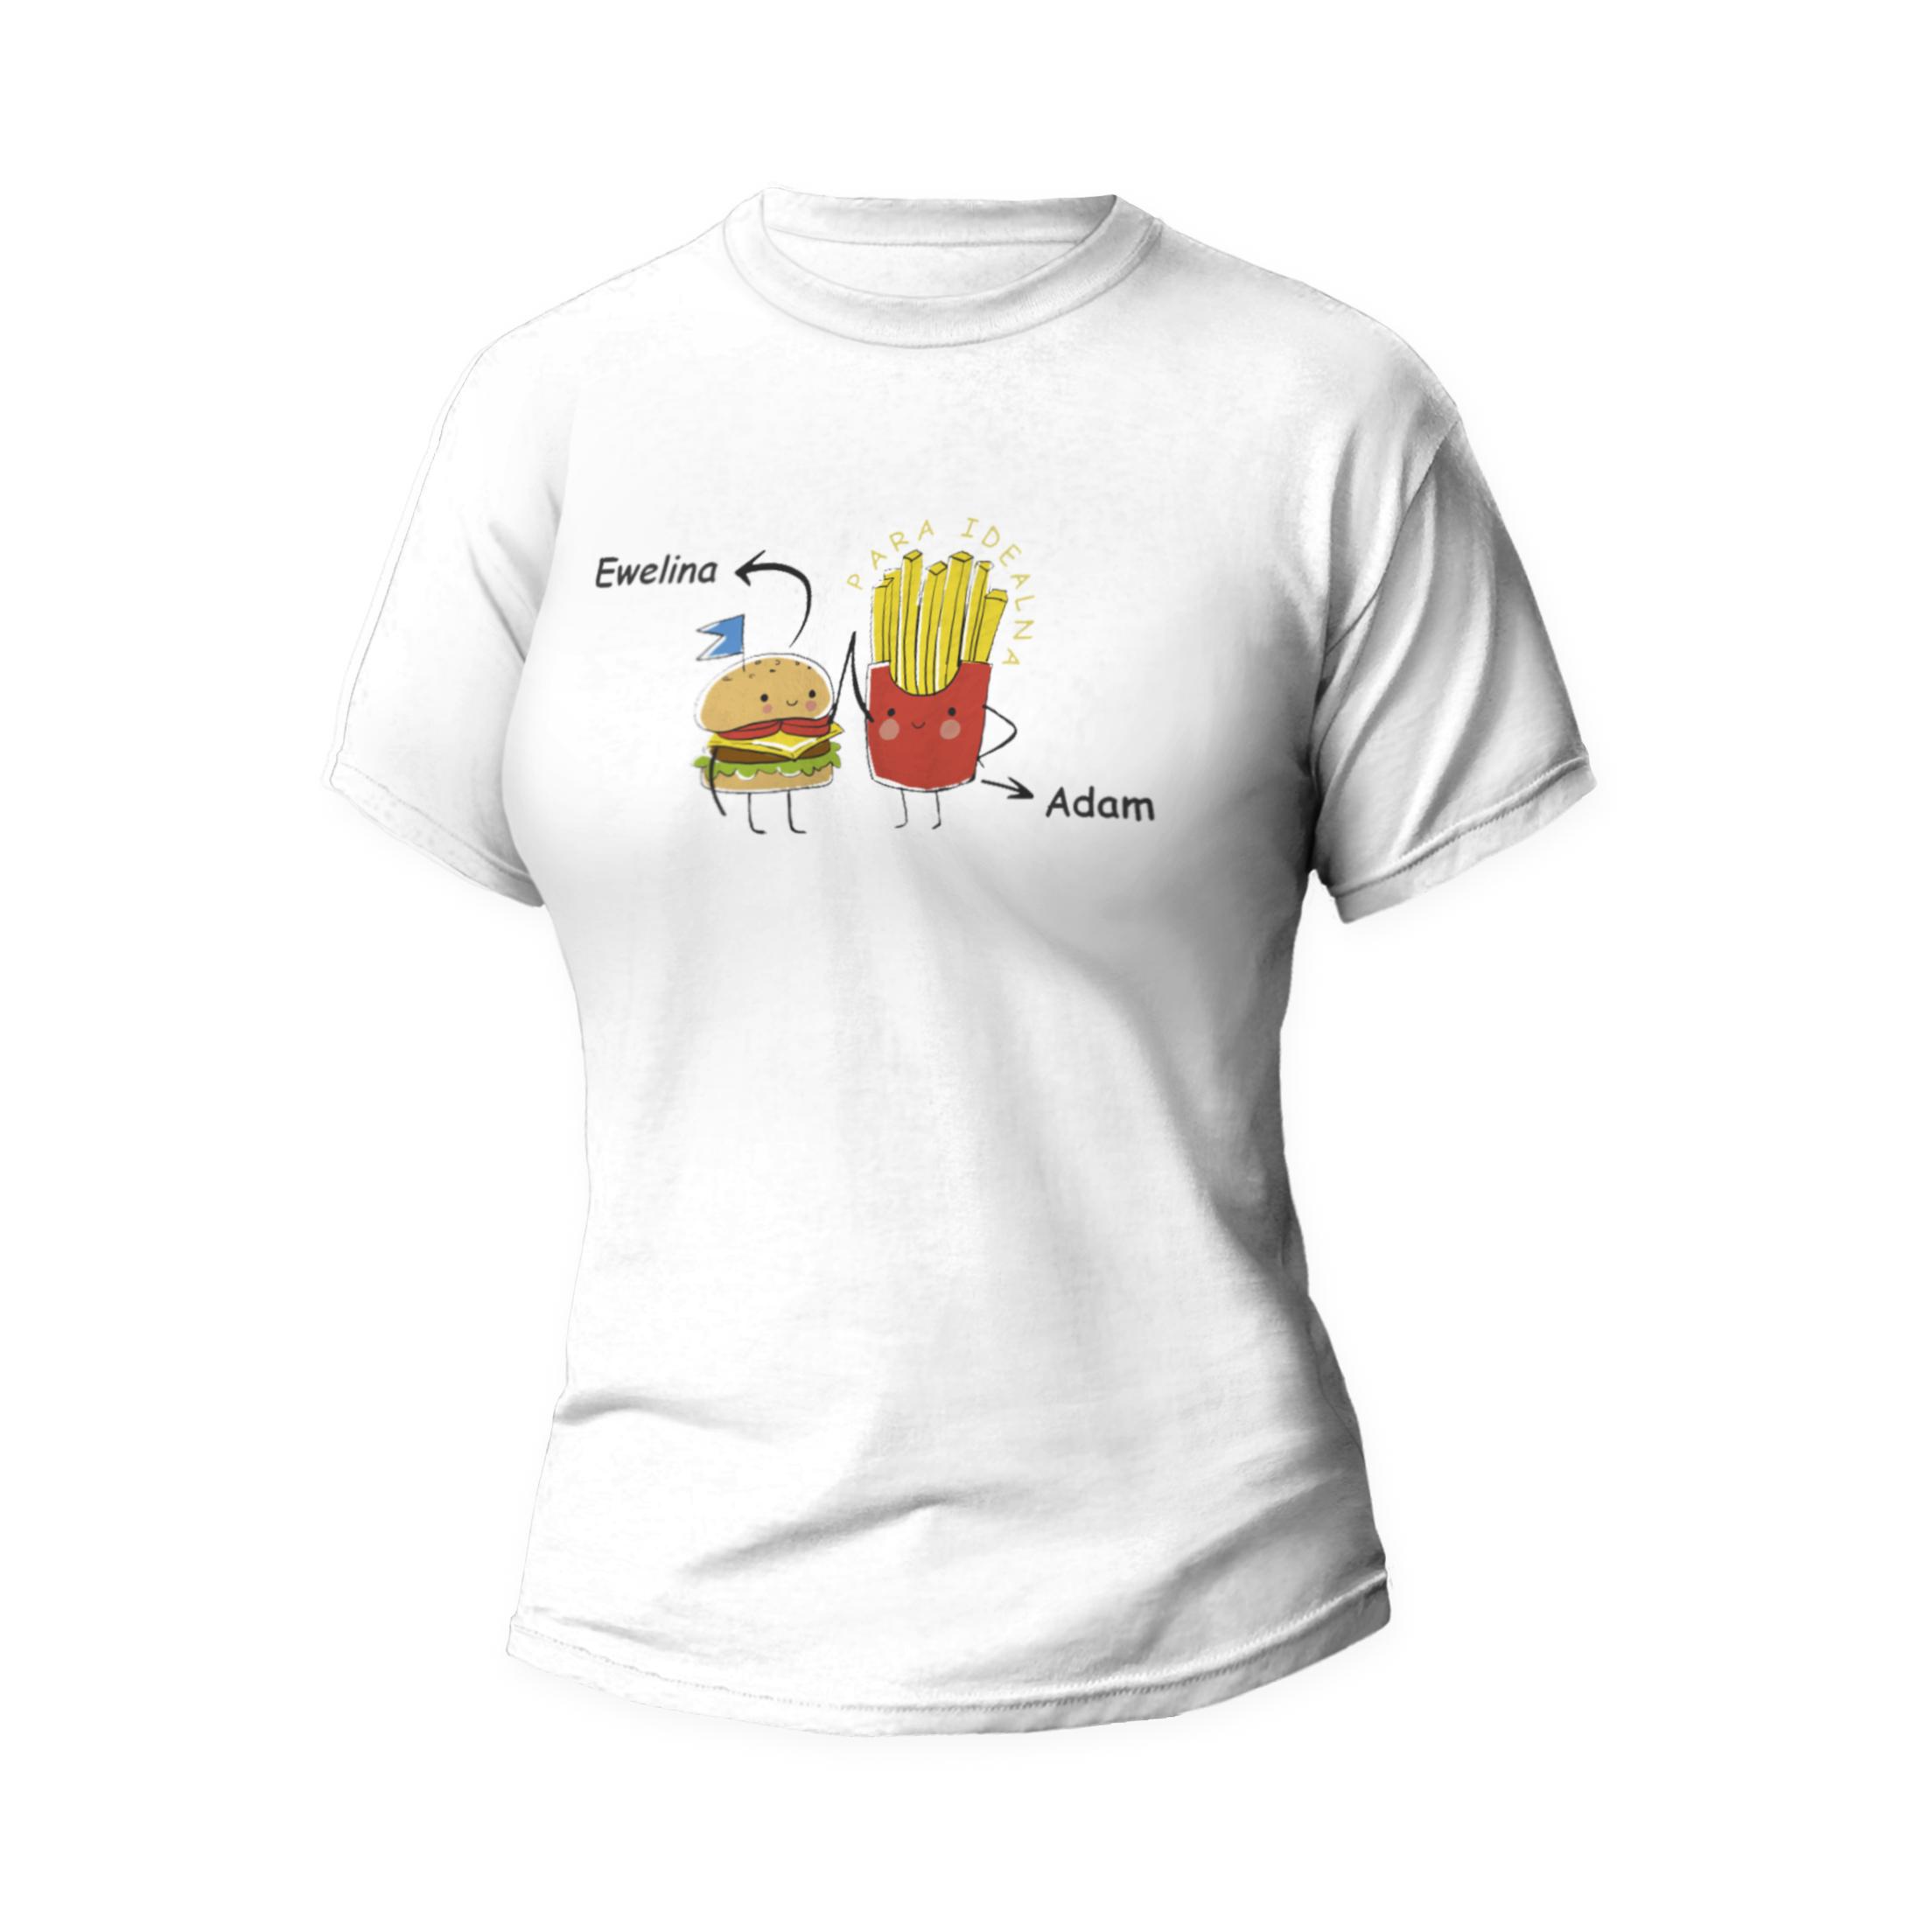 Rozmiar L - koszulka damska dla dziewczyny para idealna